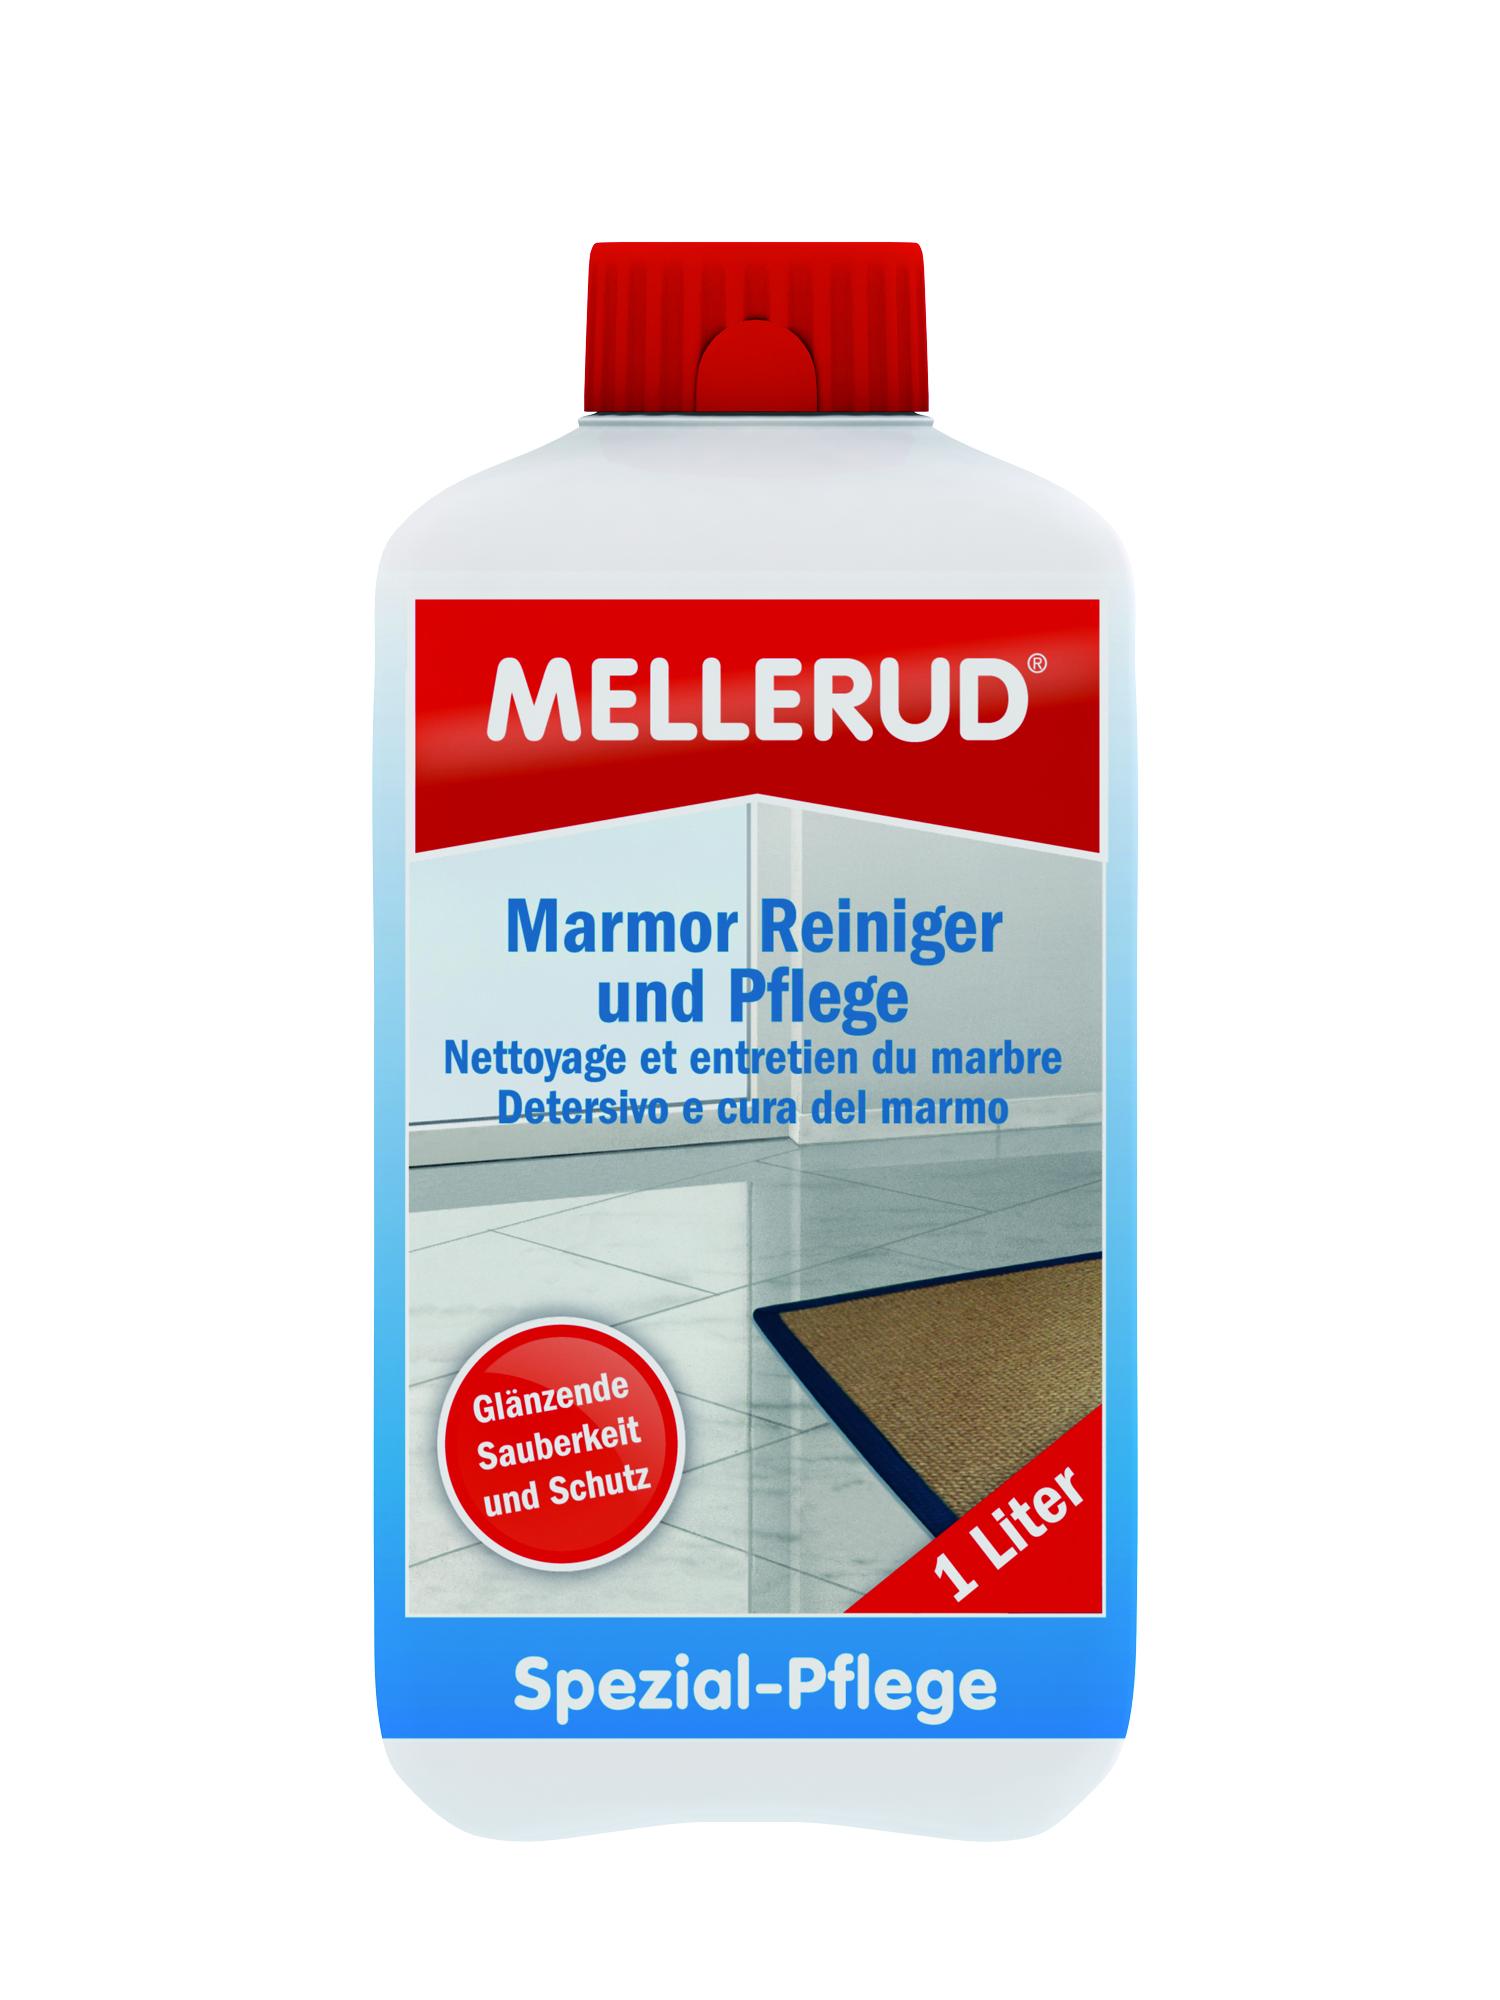 396351_Mellerud_Marmor Reiniger und Pflege_1L